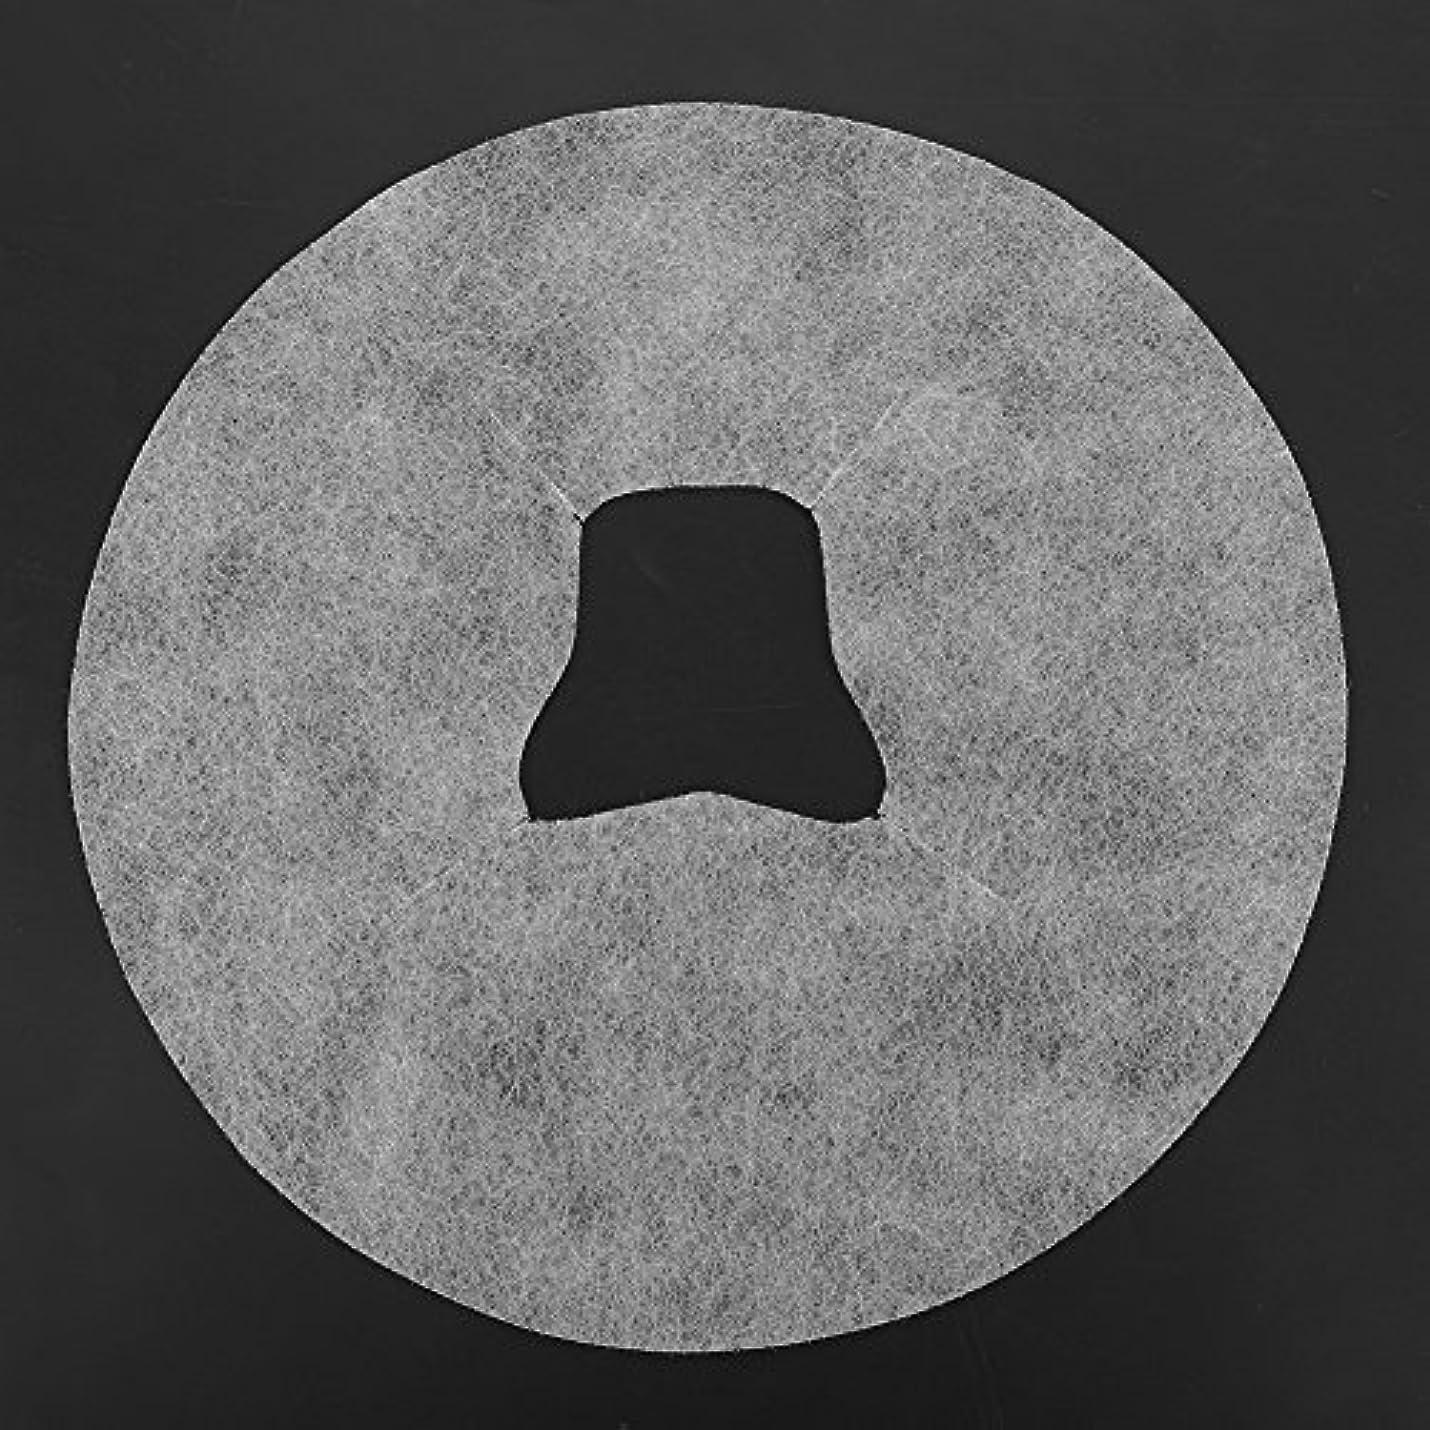 アラーム花エコーSoarUp 【100枚入】 フェイスマッサージパッド 使い捨てタオル 顔用 使い捨て 不織布材料 通気性 美容院?スパ?美容マッサージ専用 衛生的 安全 ホワイト